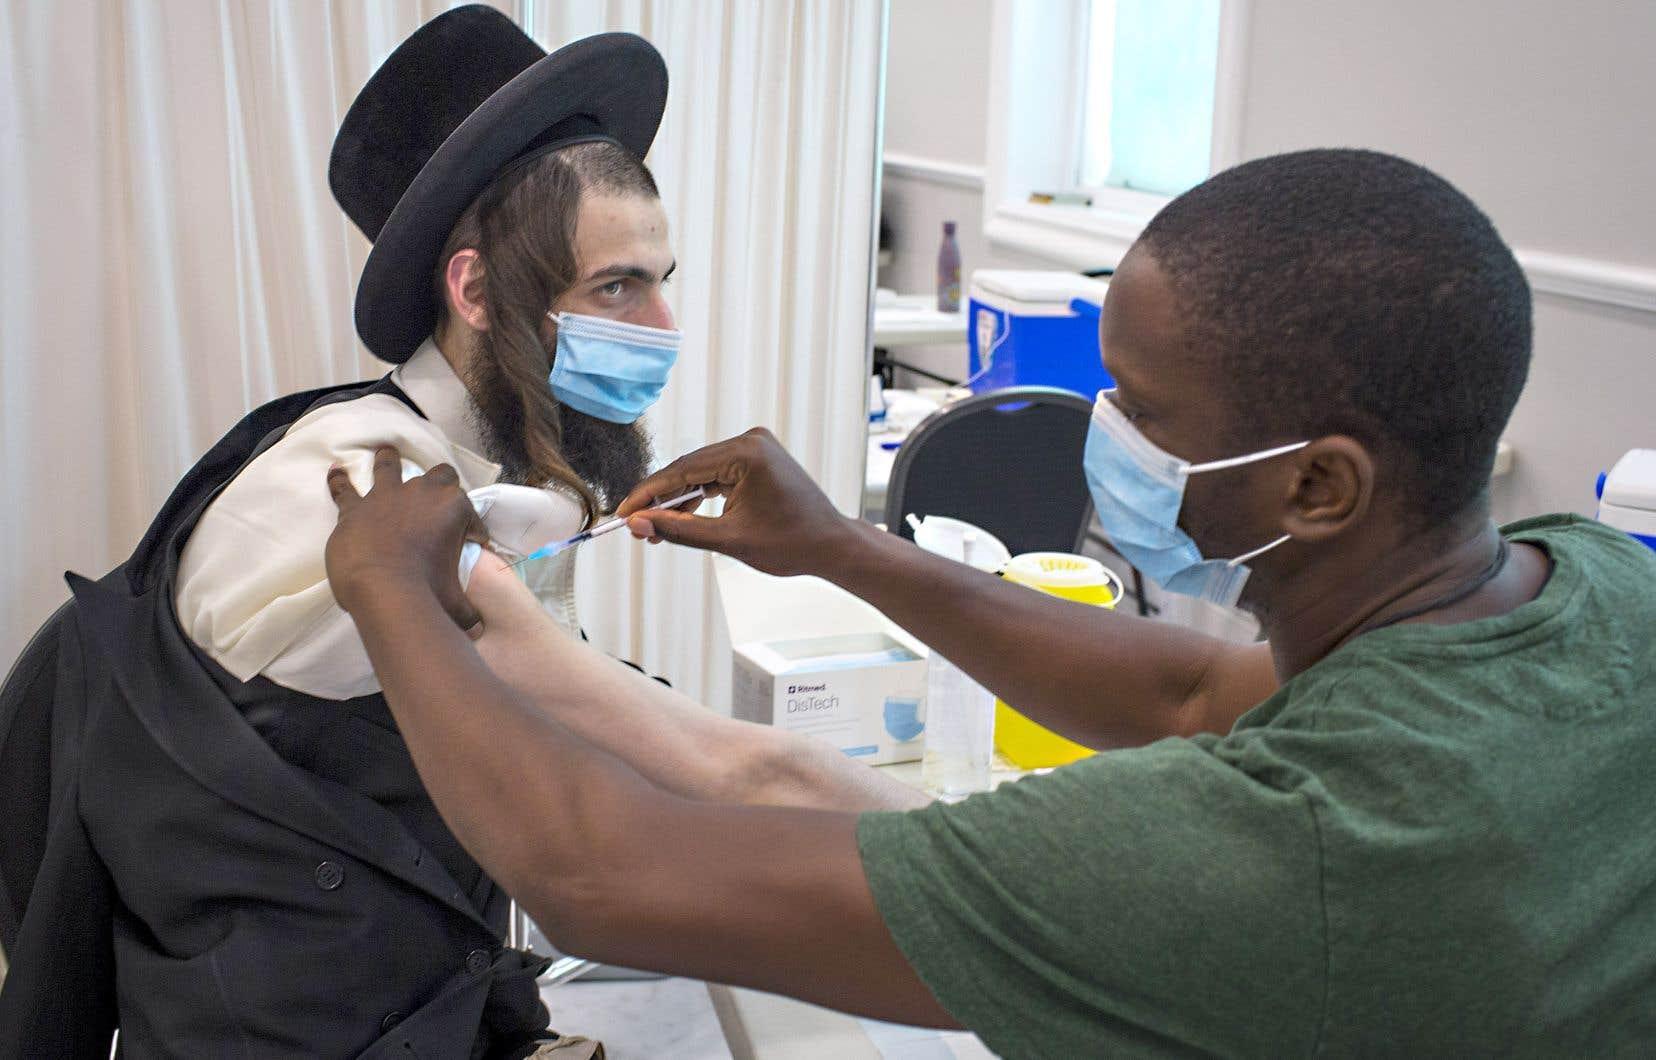 Samuel Muller se faisait vacciner mercredi après-midi dans la synagogue Ateres Faiga, située dans le quartier Mile-End à Montréal.